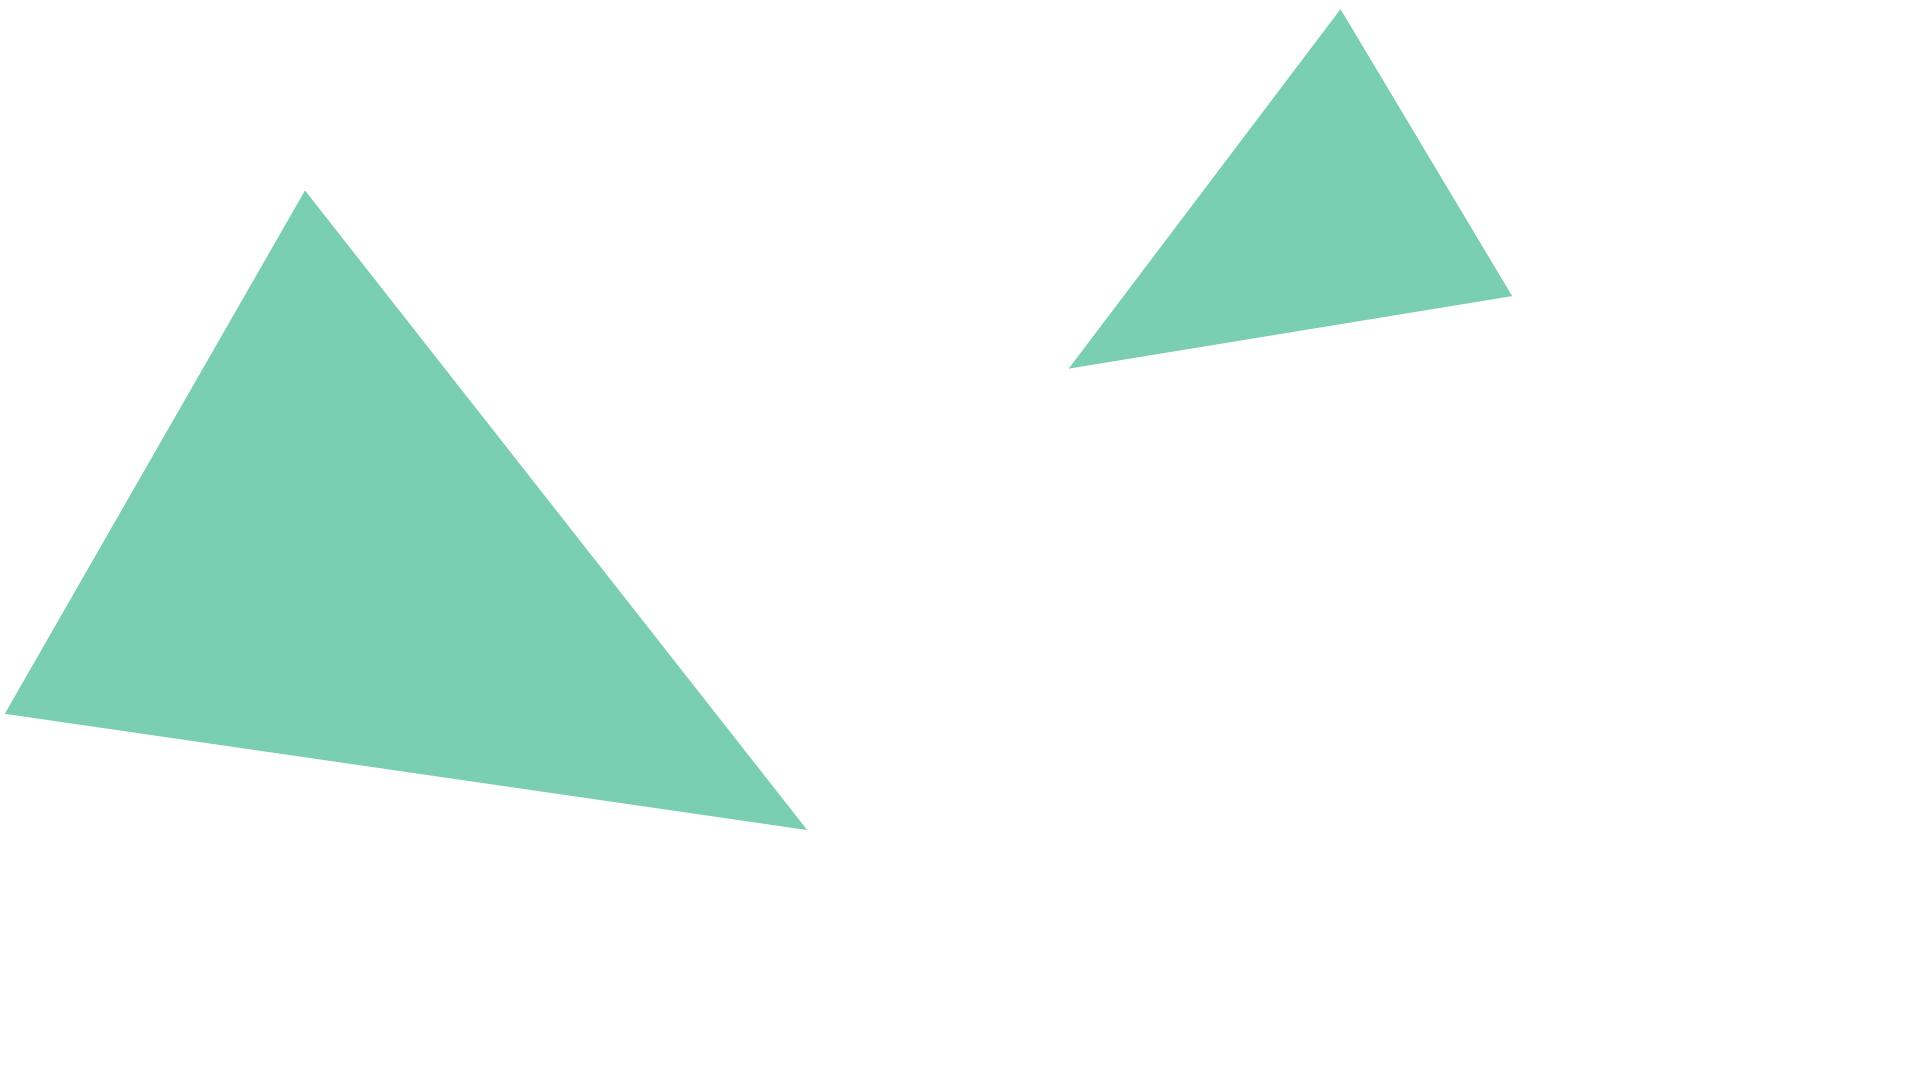 site-cenas-finais-triangulos